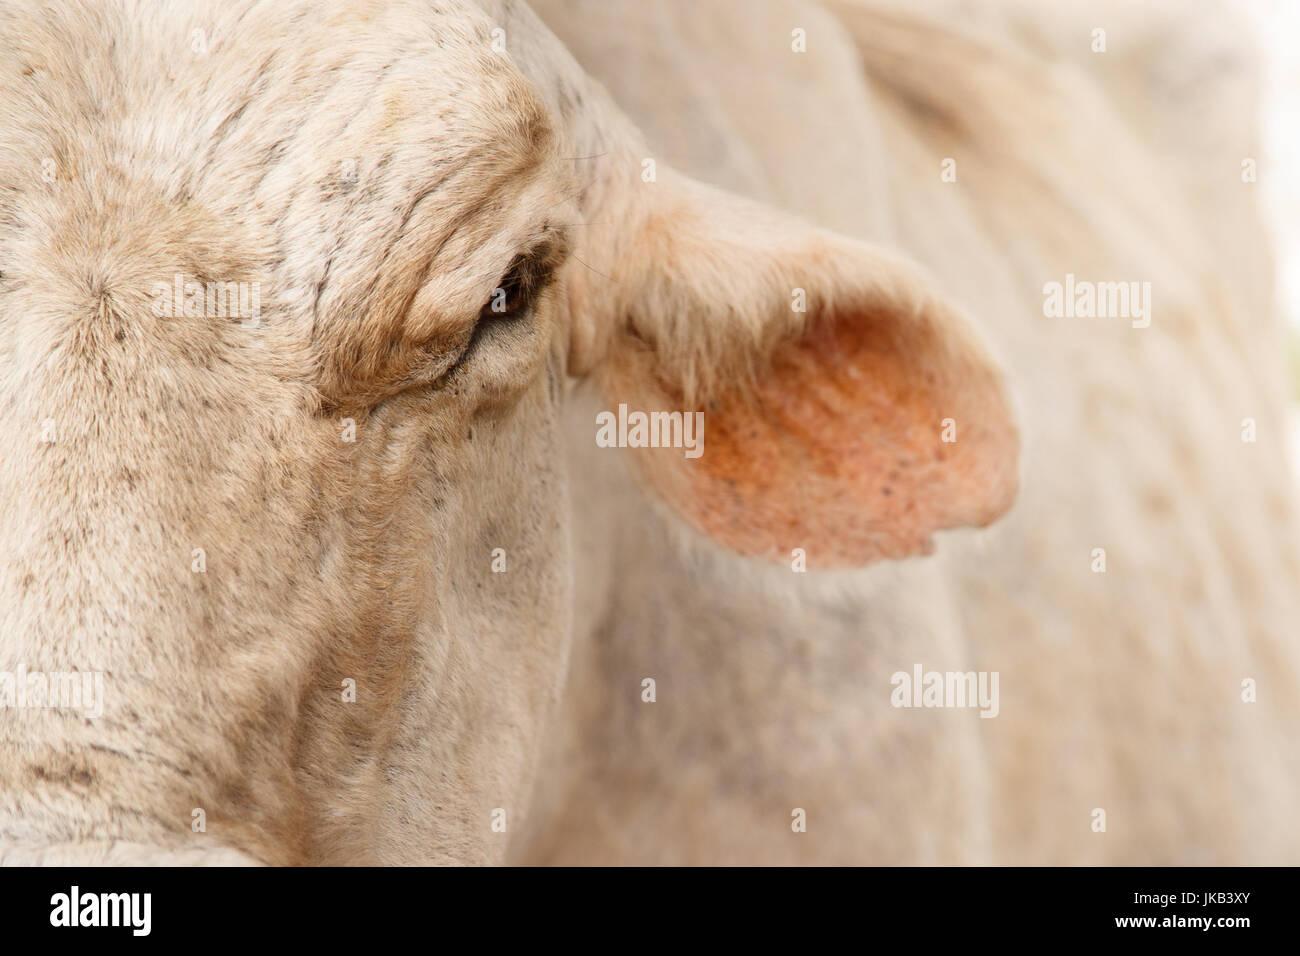 La vita quotidiana in una fattoria con le mucche in campagna. Primo piano del corpo di vacca, bovini in stabile Immagini Stock